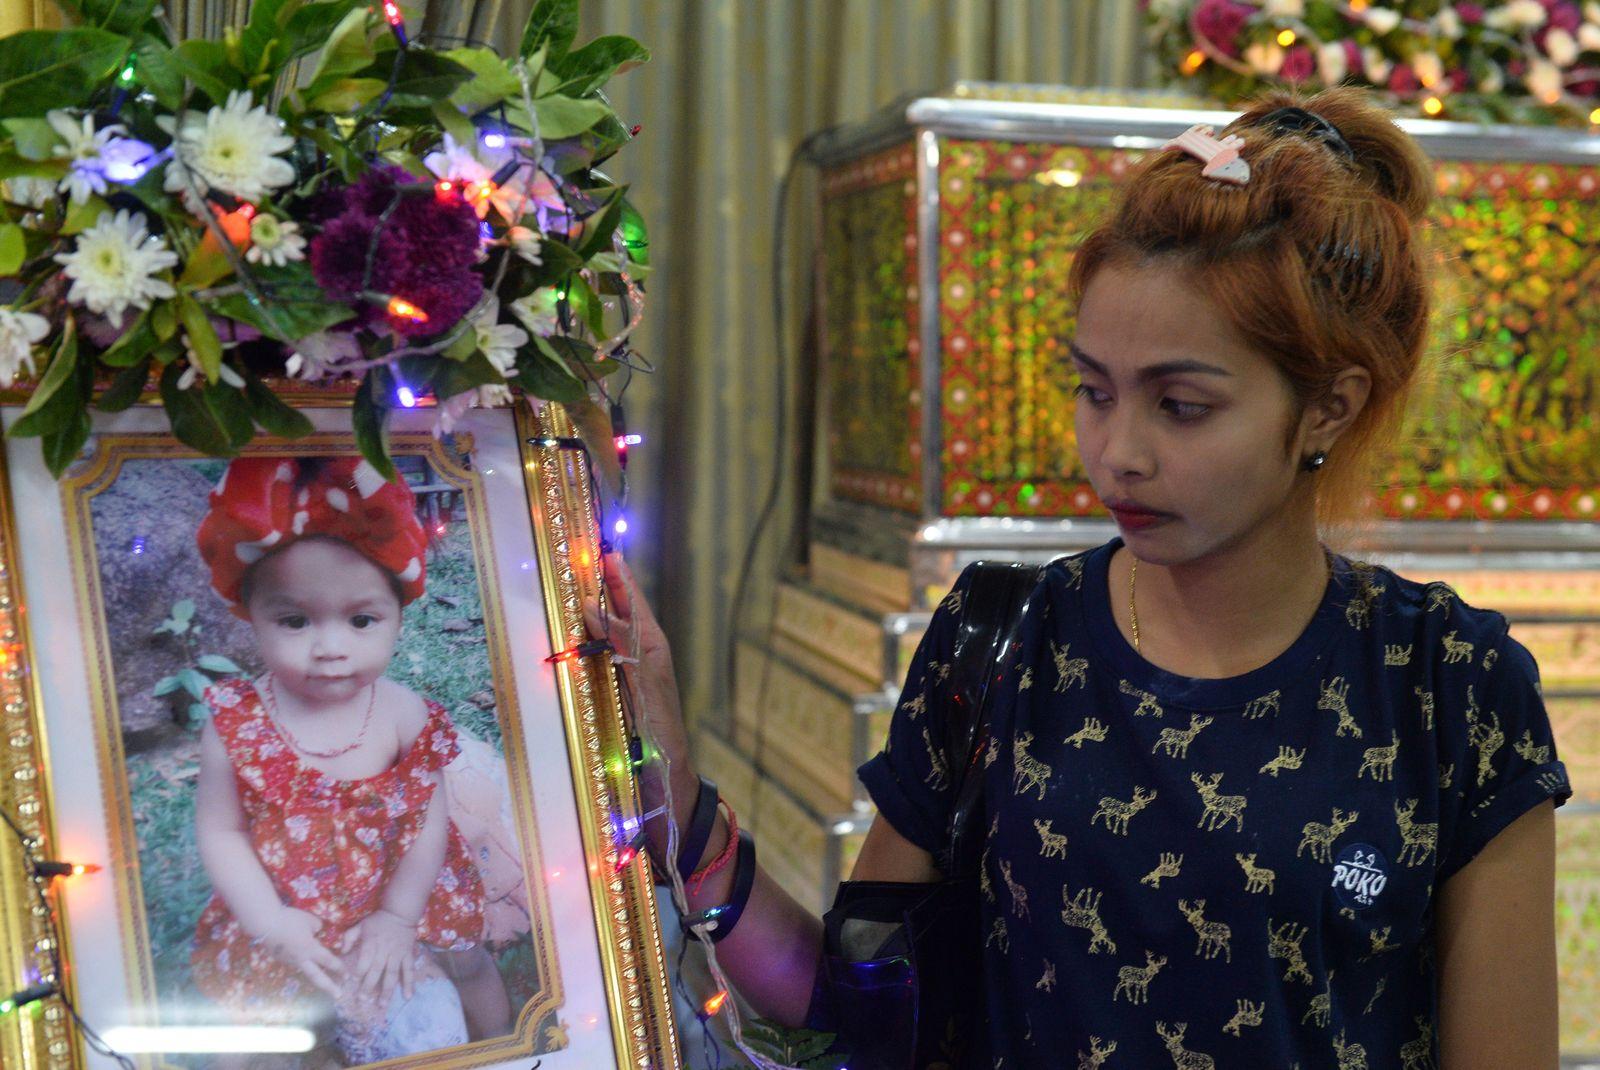 thailand facebook murder